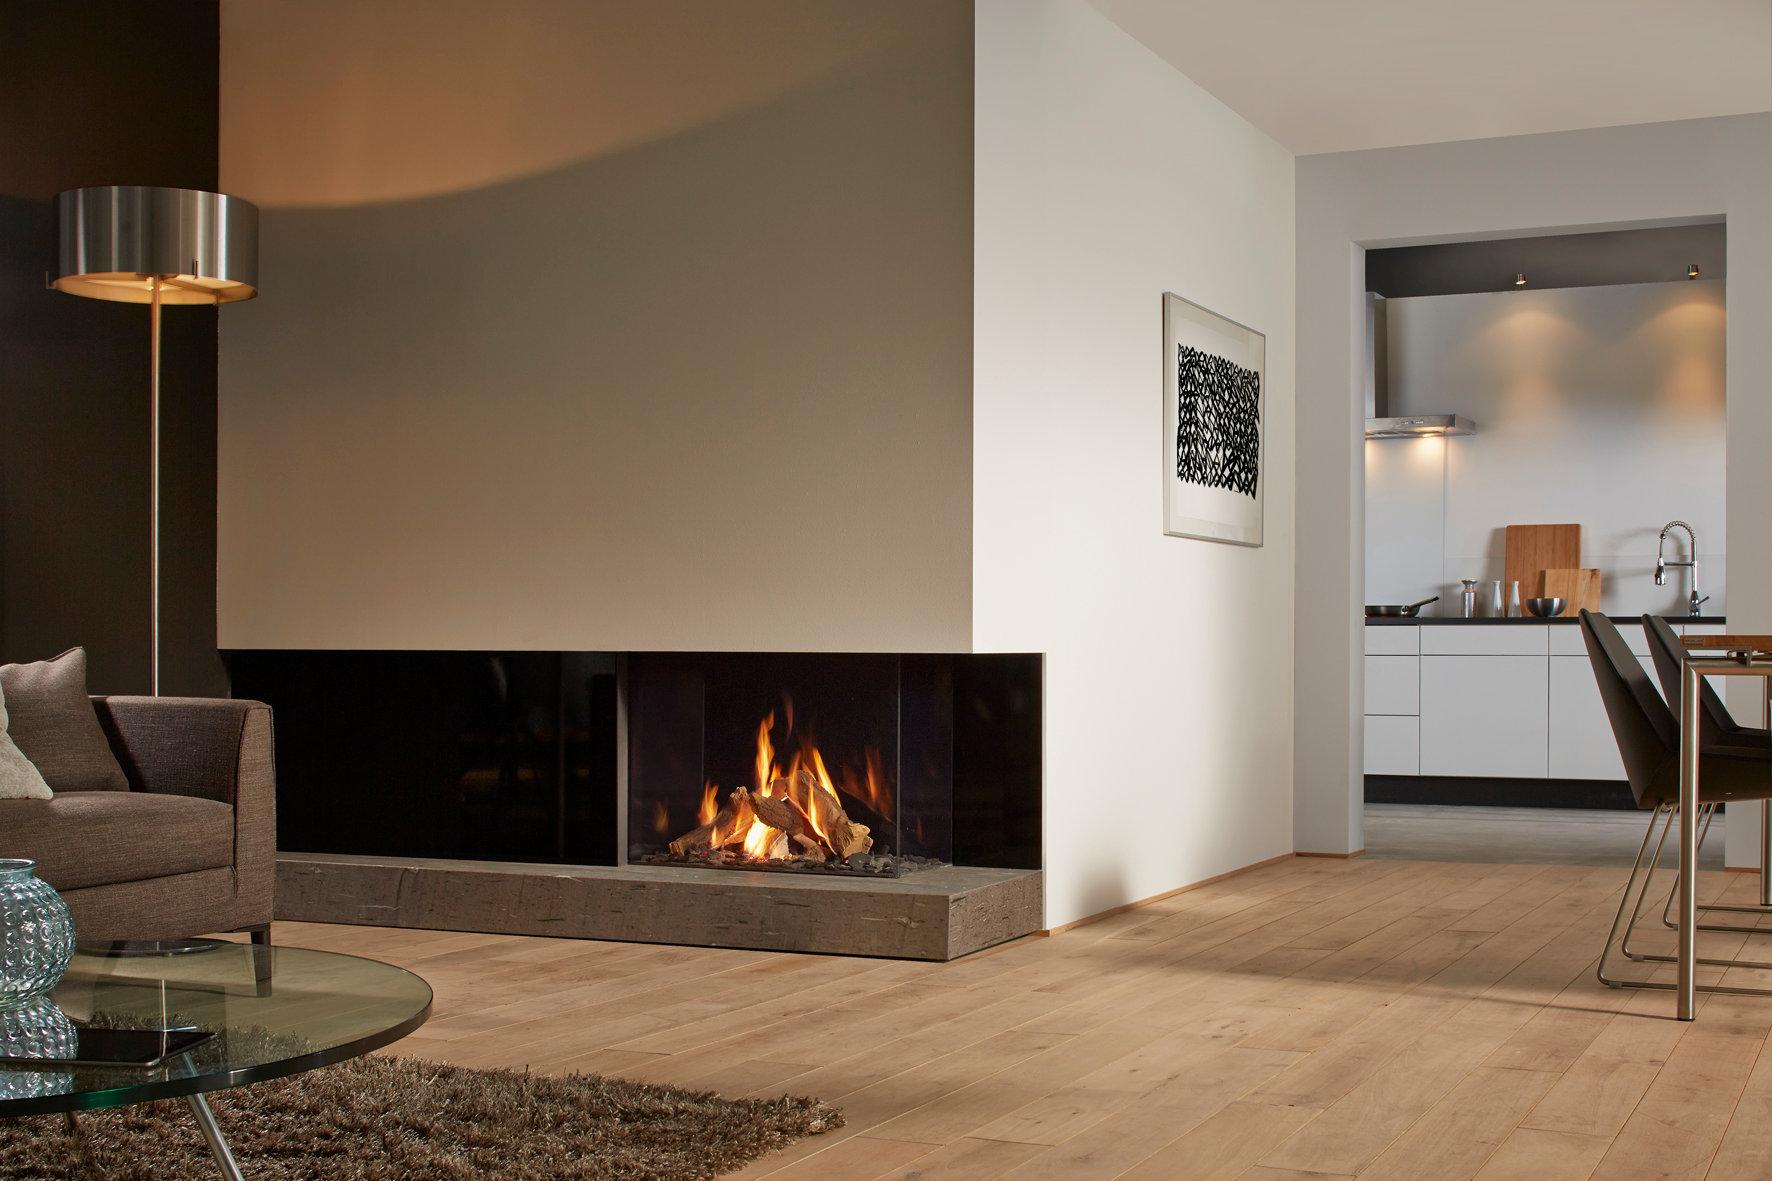 dru maestro 80 2 inbouw gashaard wildenborg haarden. Black Bedroom Furniture Sets. Home Design Ideas